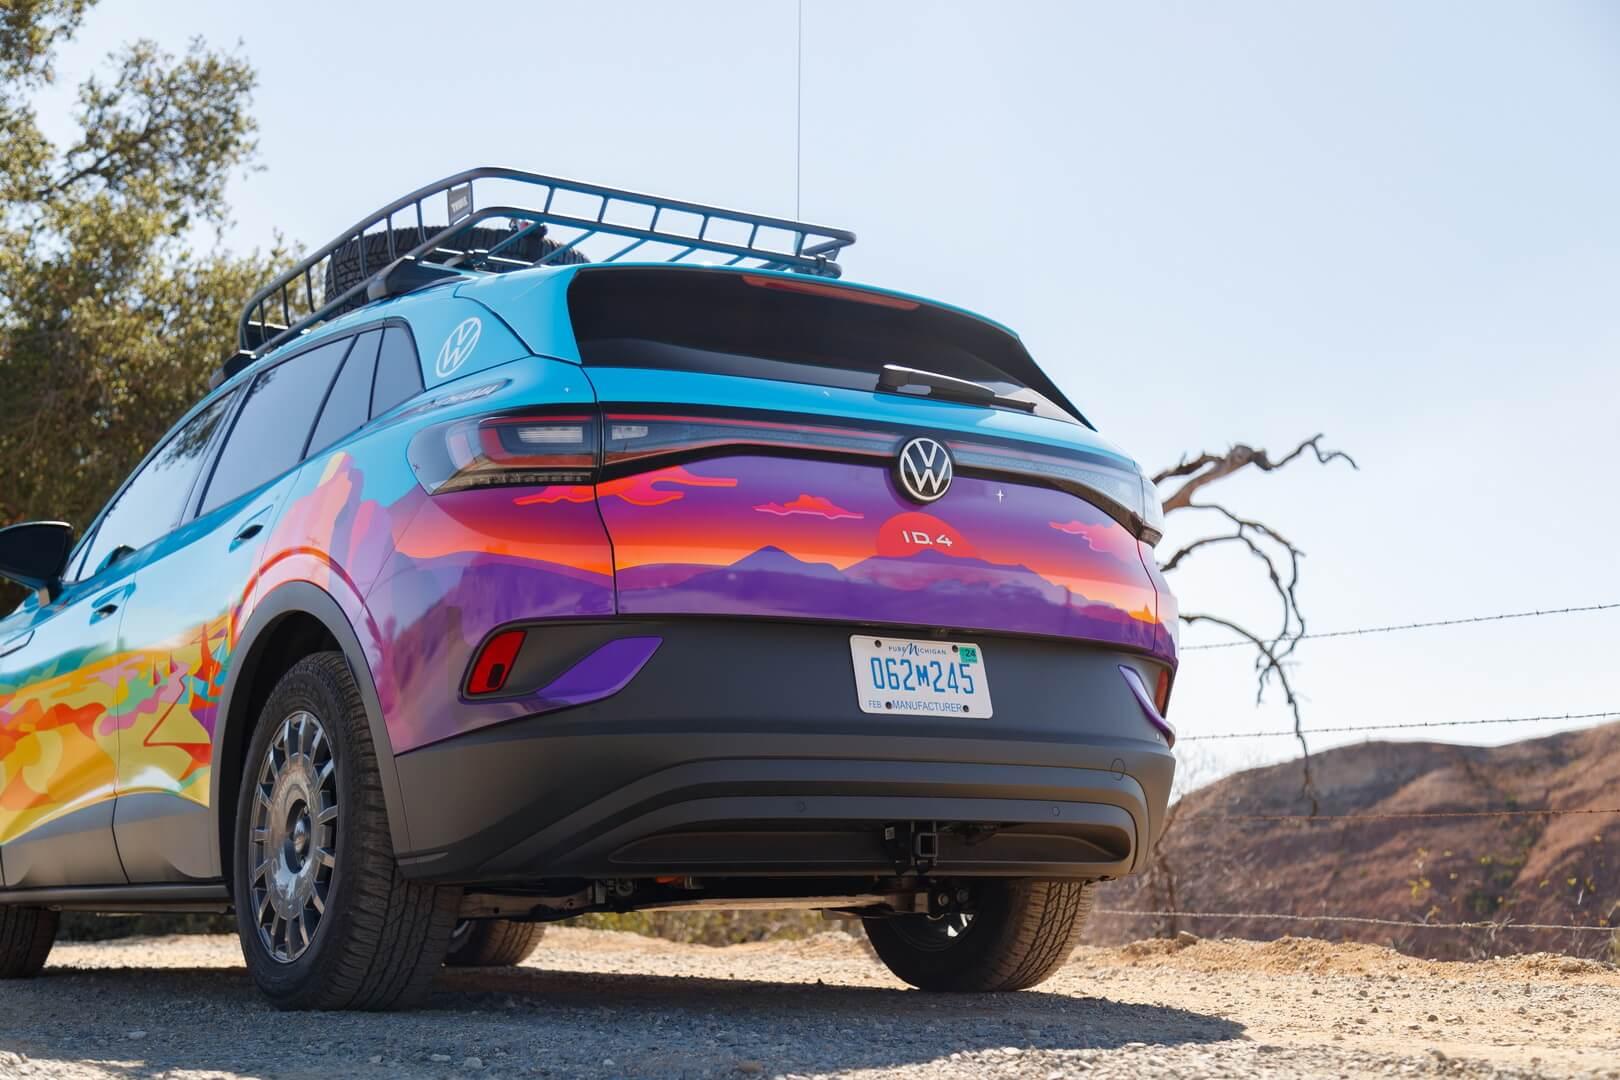 Первый выход полностью электрического Volkswagen ID.4 AWD на соревнования по бездорожью